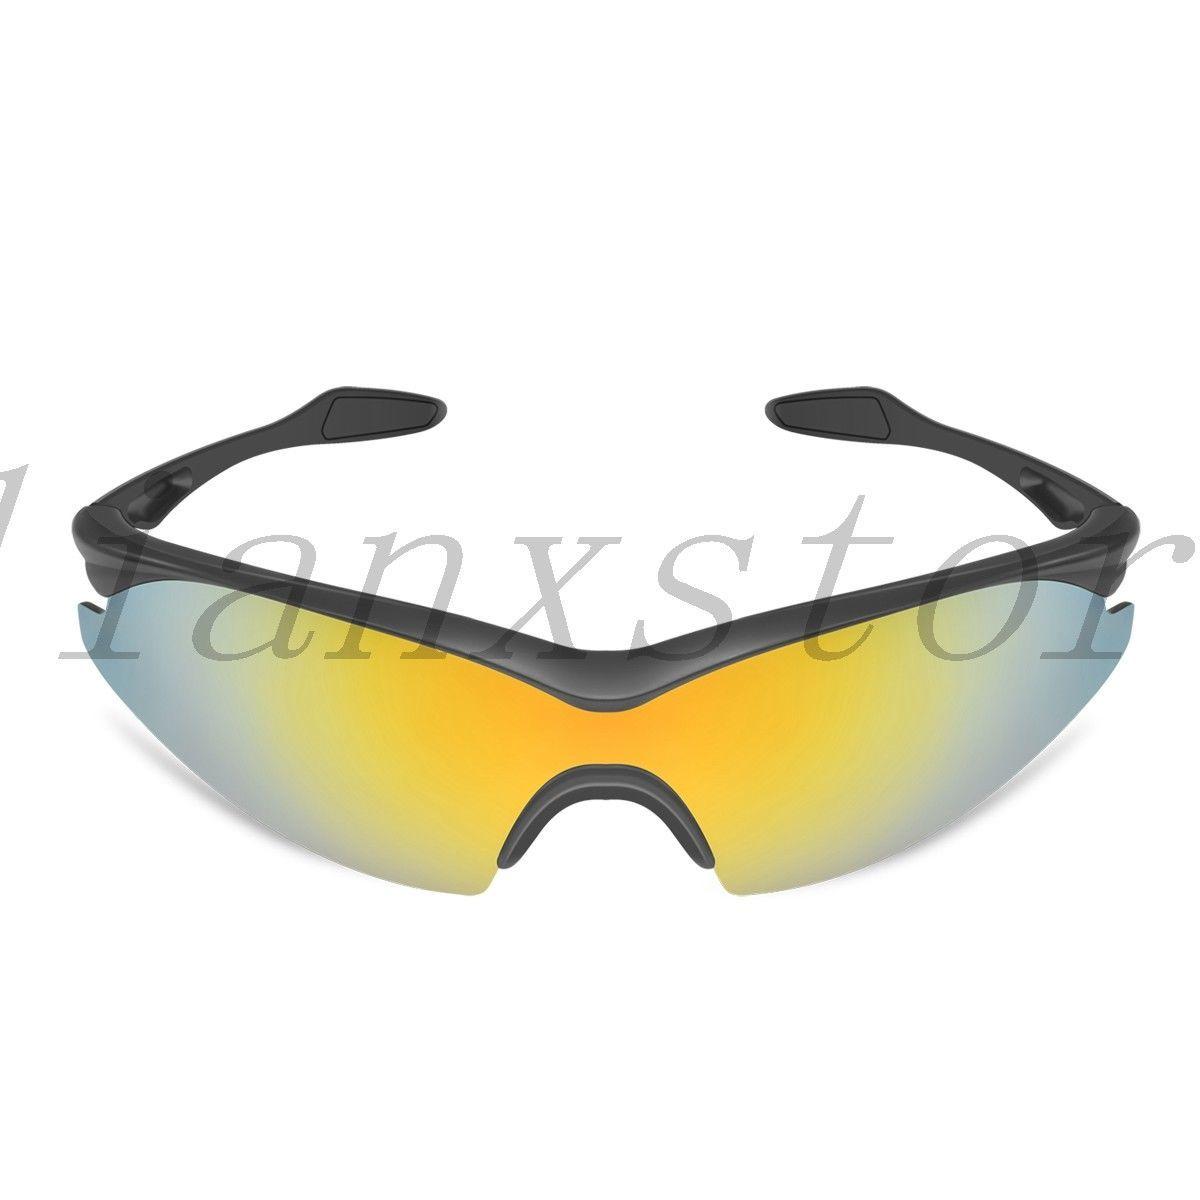 61e49ef746  4.59 - Bell + Howell Tac Glasses Military Polariized Sunglasses Glare  Enhance Color  ebay